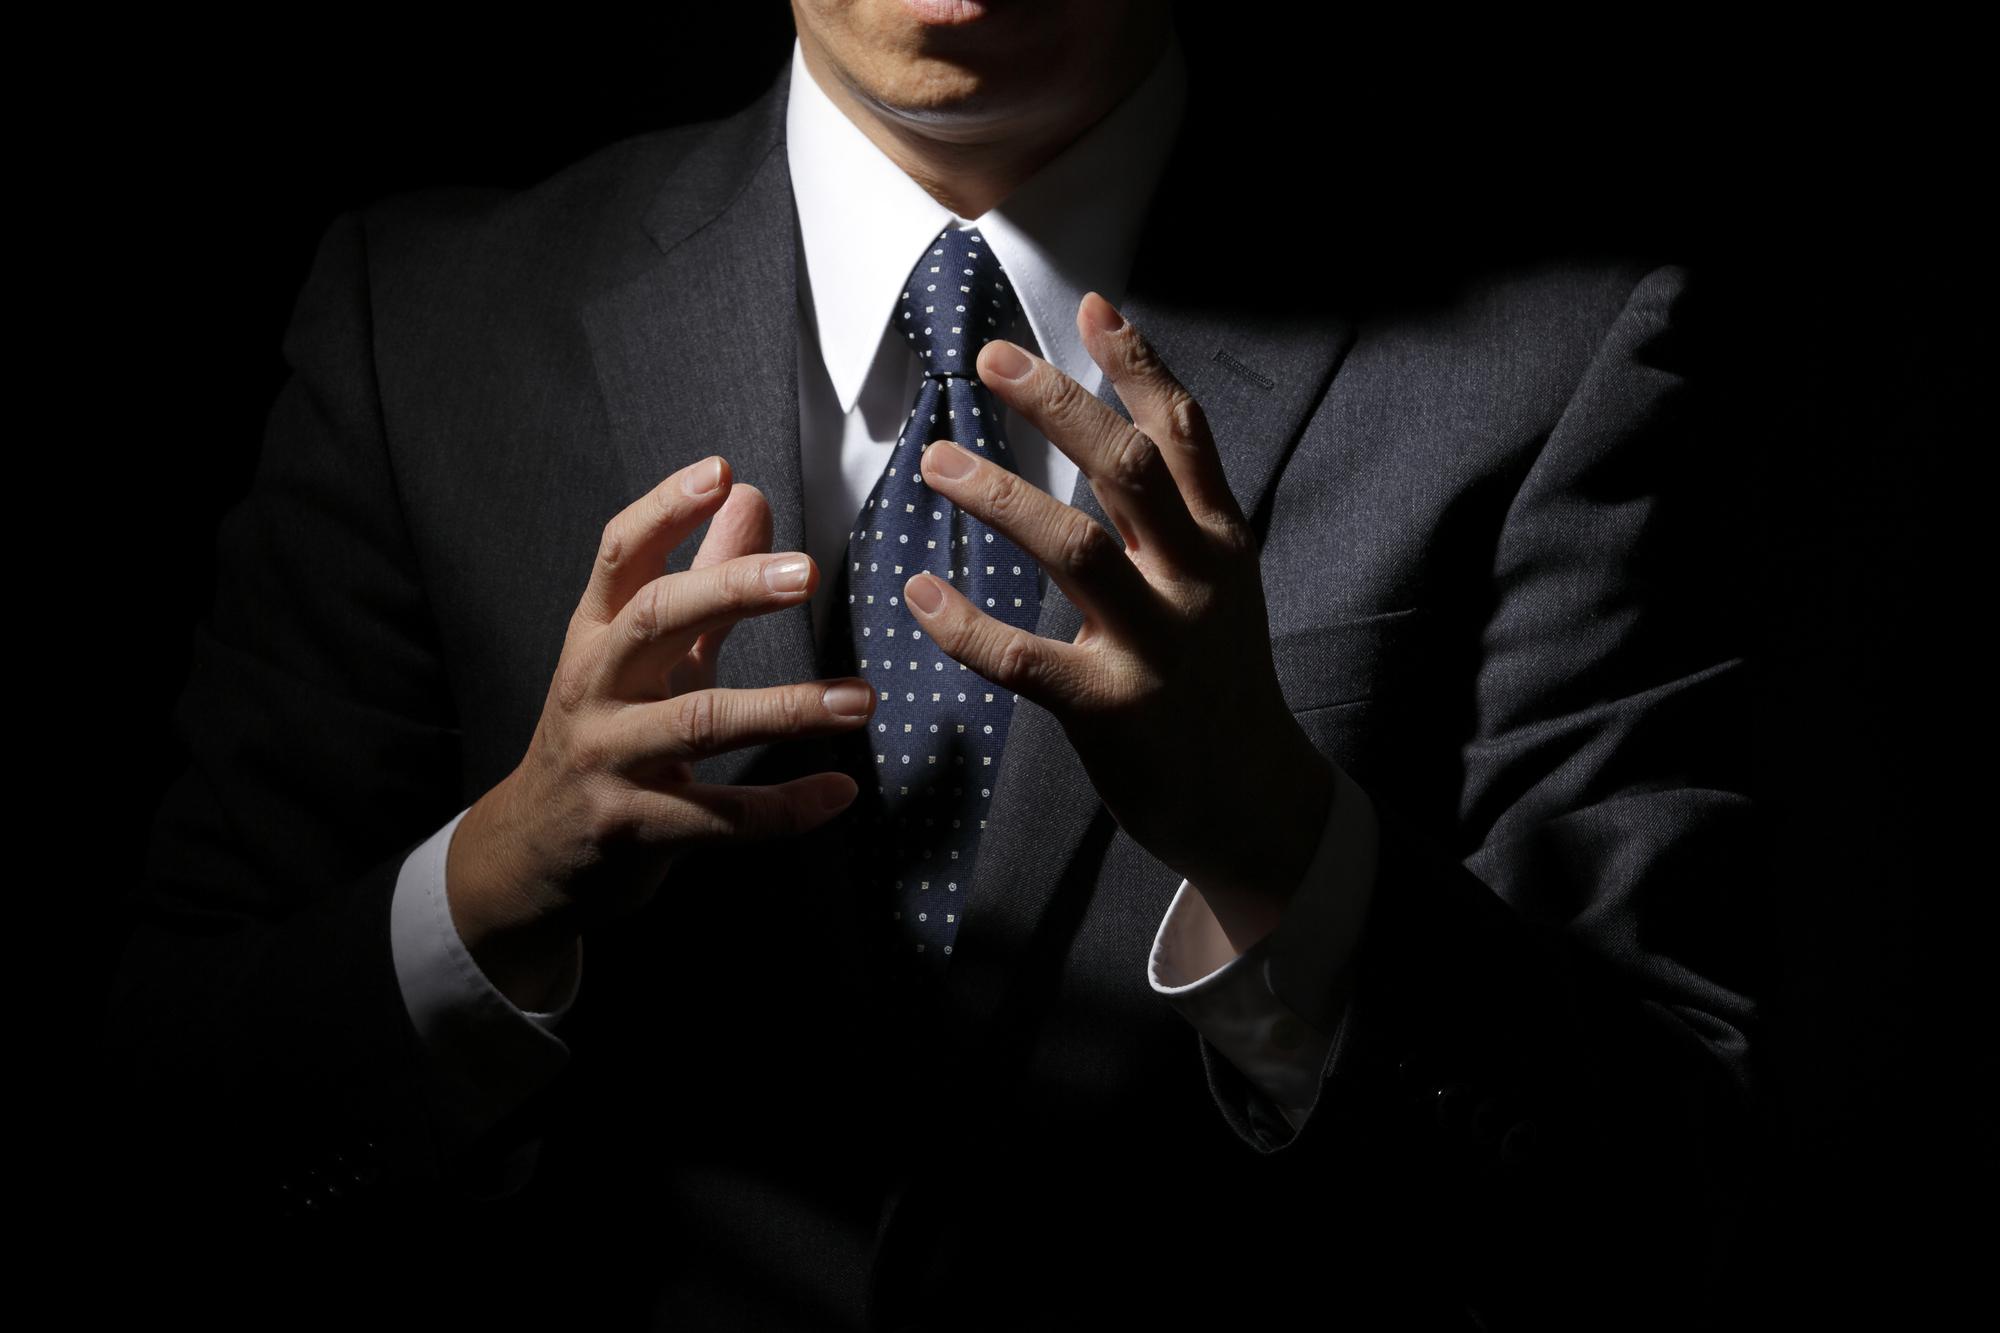 賃貸経営で会社化する目安は収入900万円【メリット・デメリットを解説】